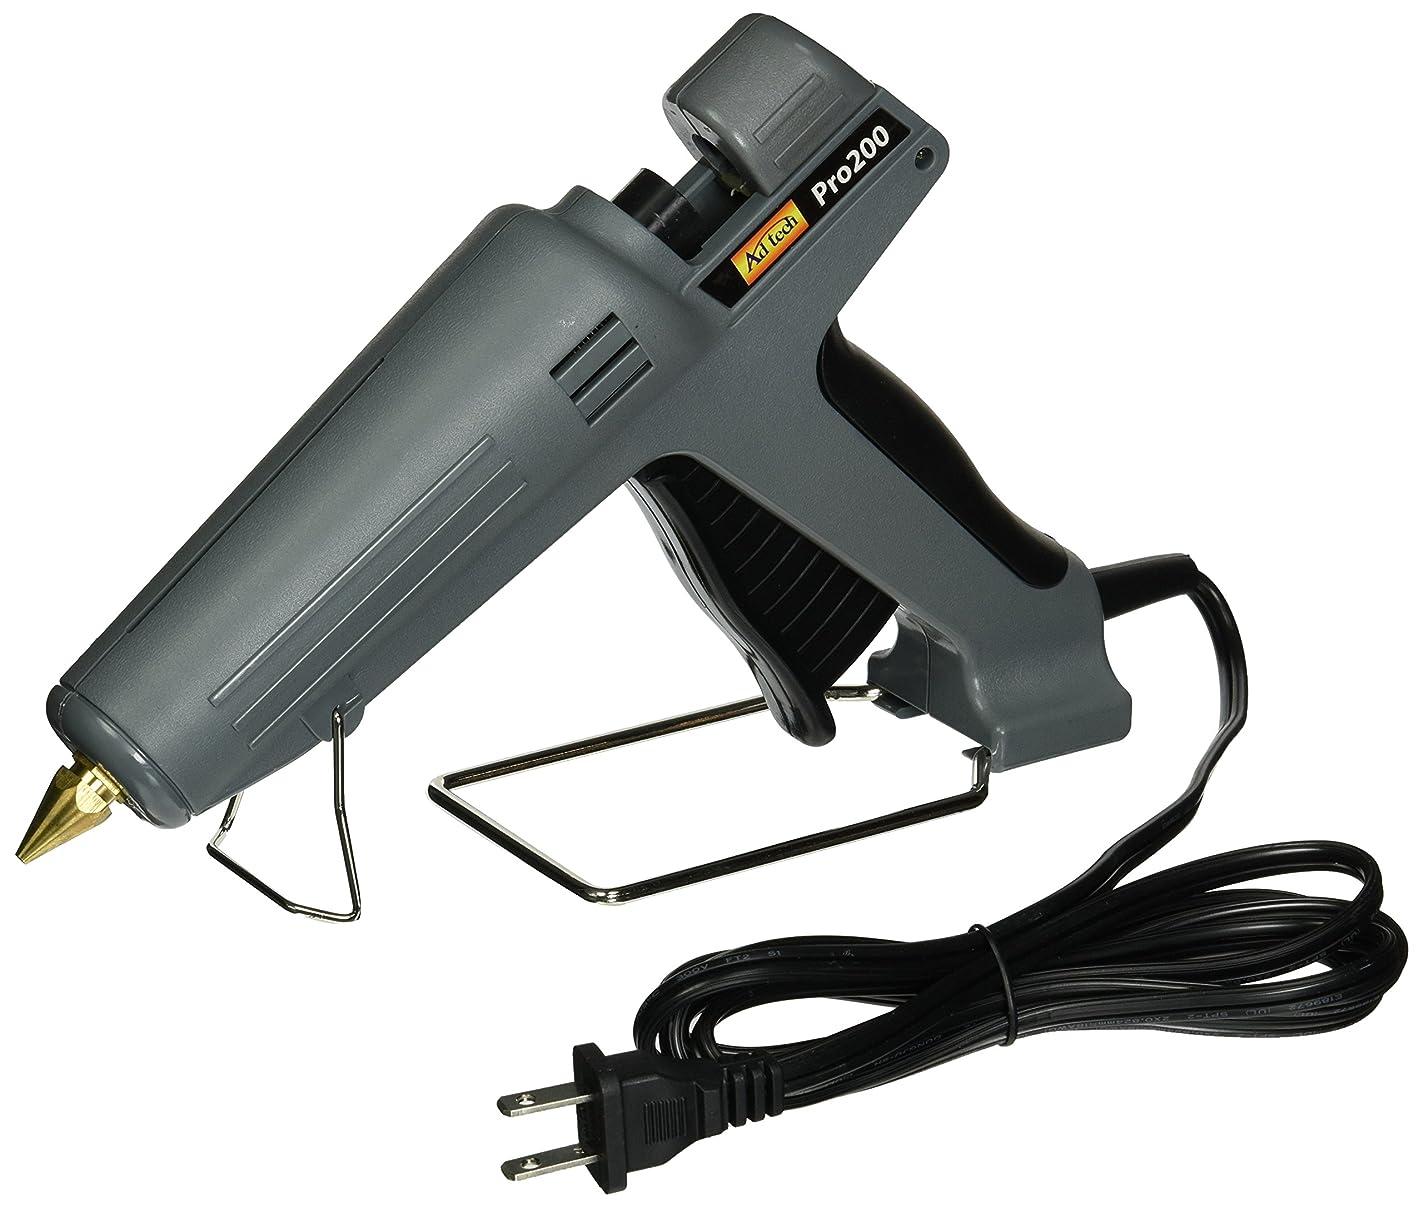 AdTech 0189 Pro 200 Industrial Glue Gun, Full Size Heavy Duty, 200 watts